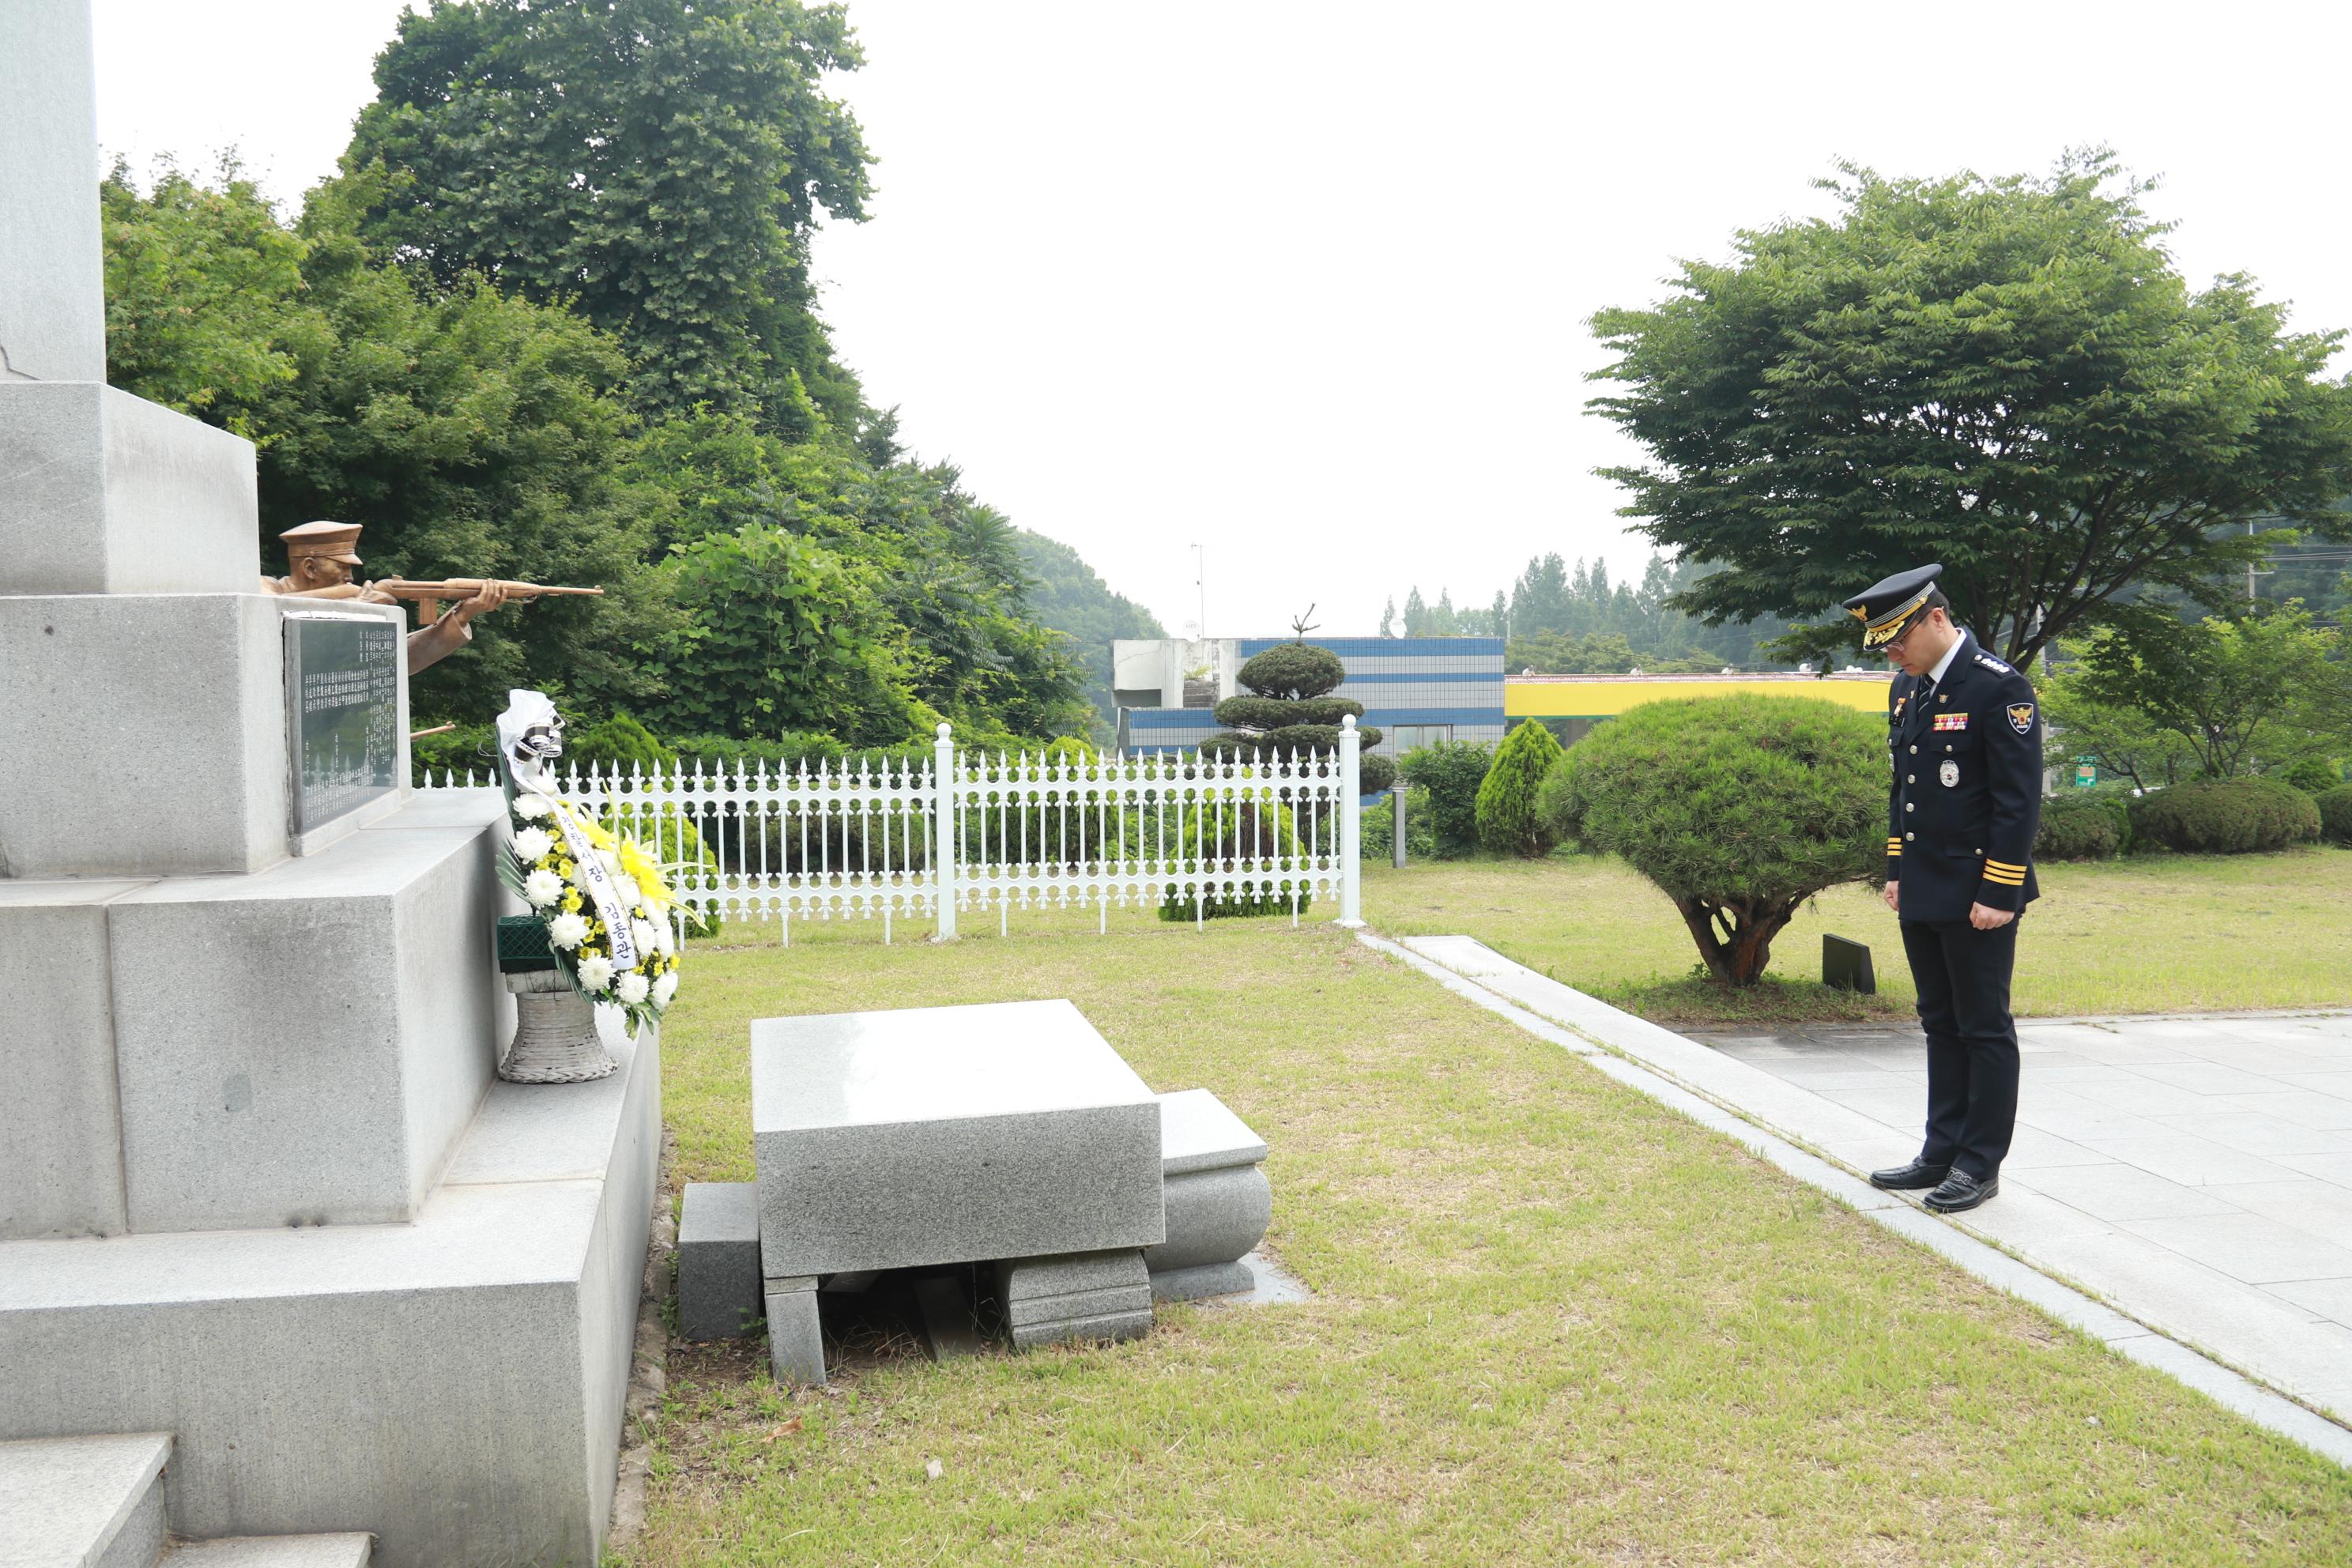 김종관 아산서장이 경찰 충혼탑에서 참배하고 있는 모습